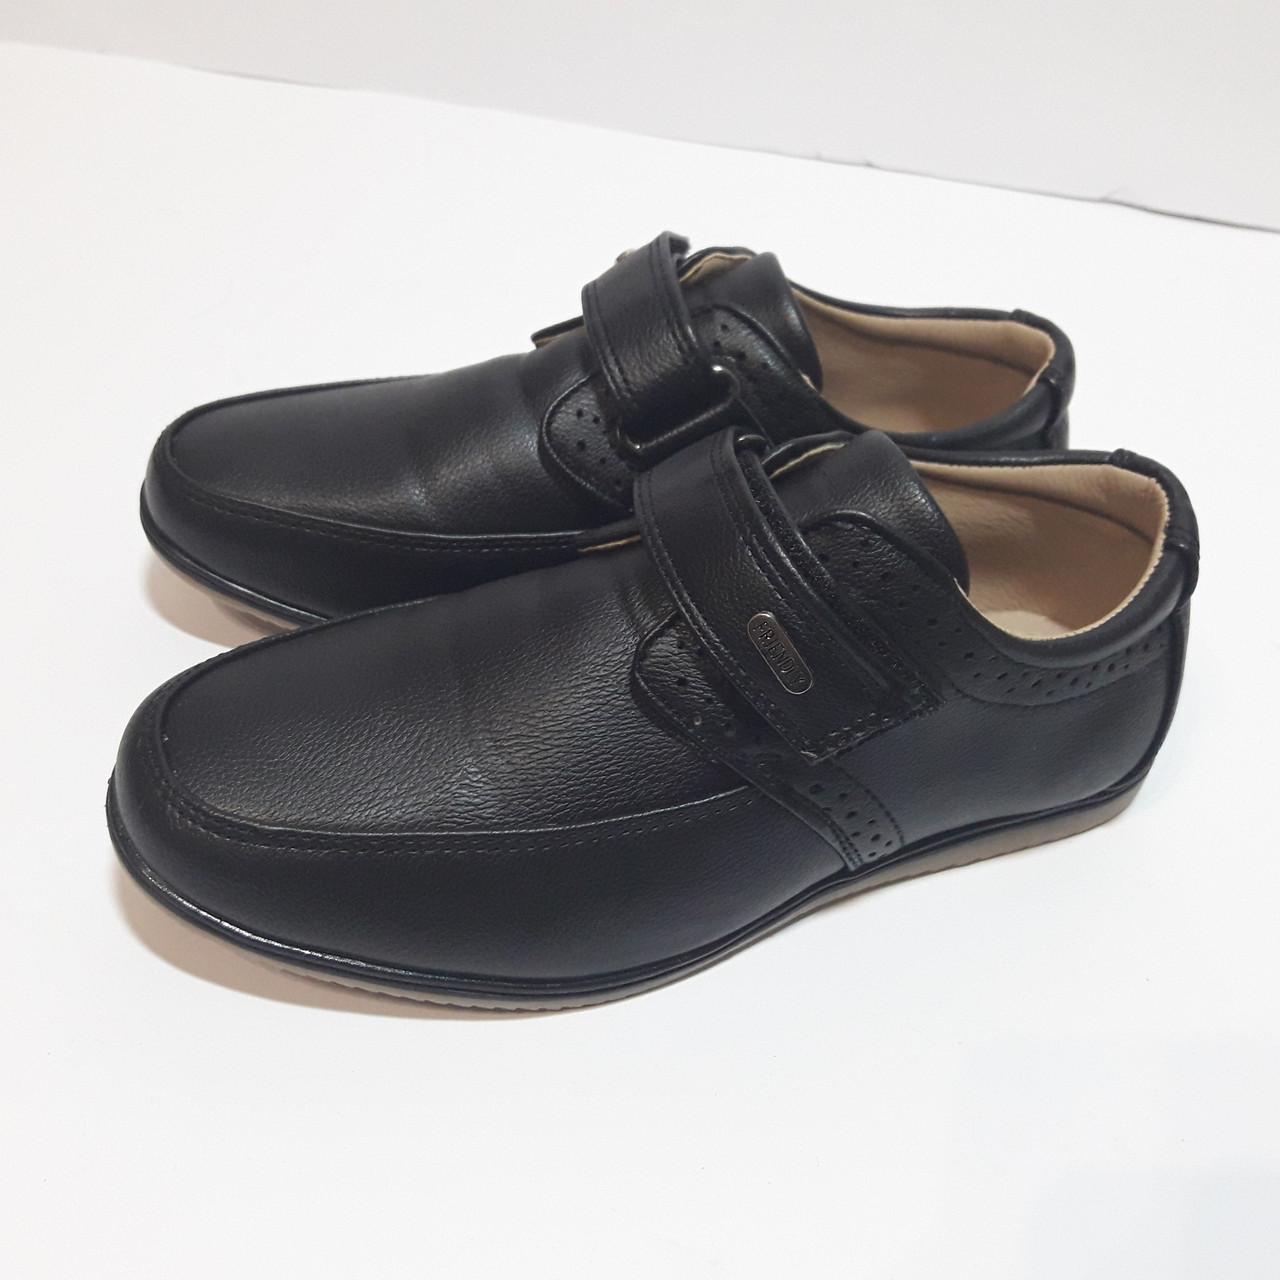 Туфли подростковые черные школьные для мальчика том м р. 35, 36